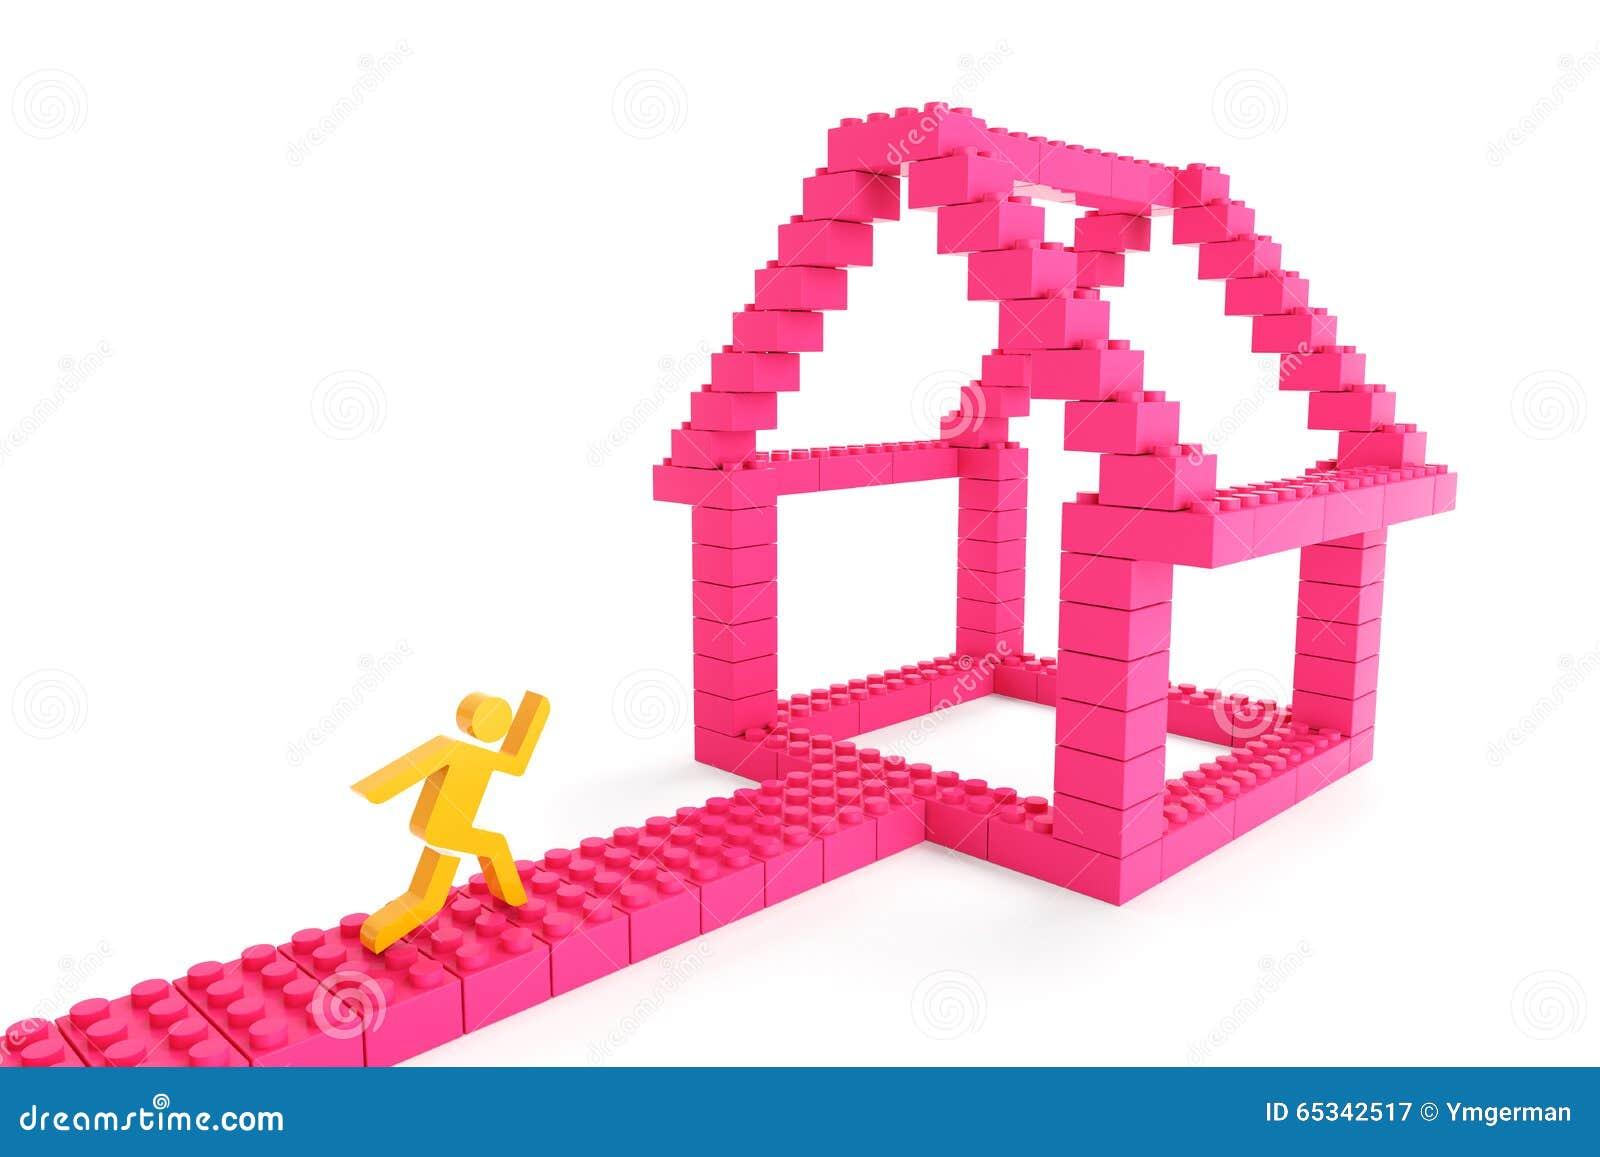 Het kopen van een nieuw huis stock illustratie afbeelding 65342517 - Nieuw huis binneninrichting ...